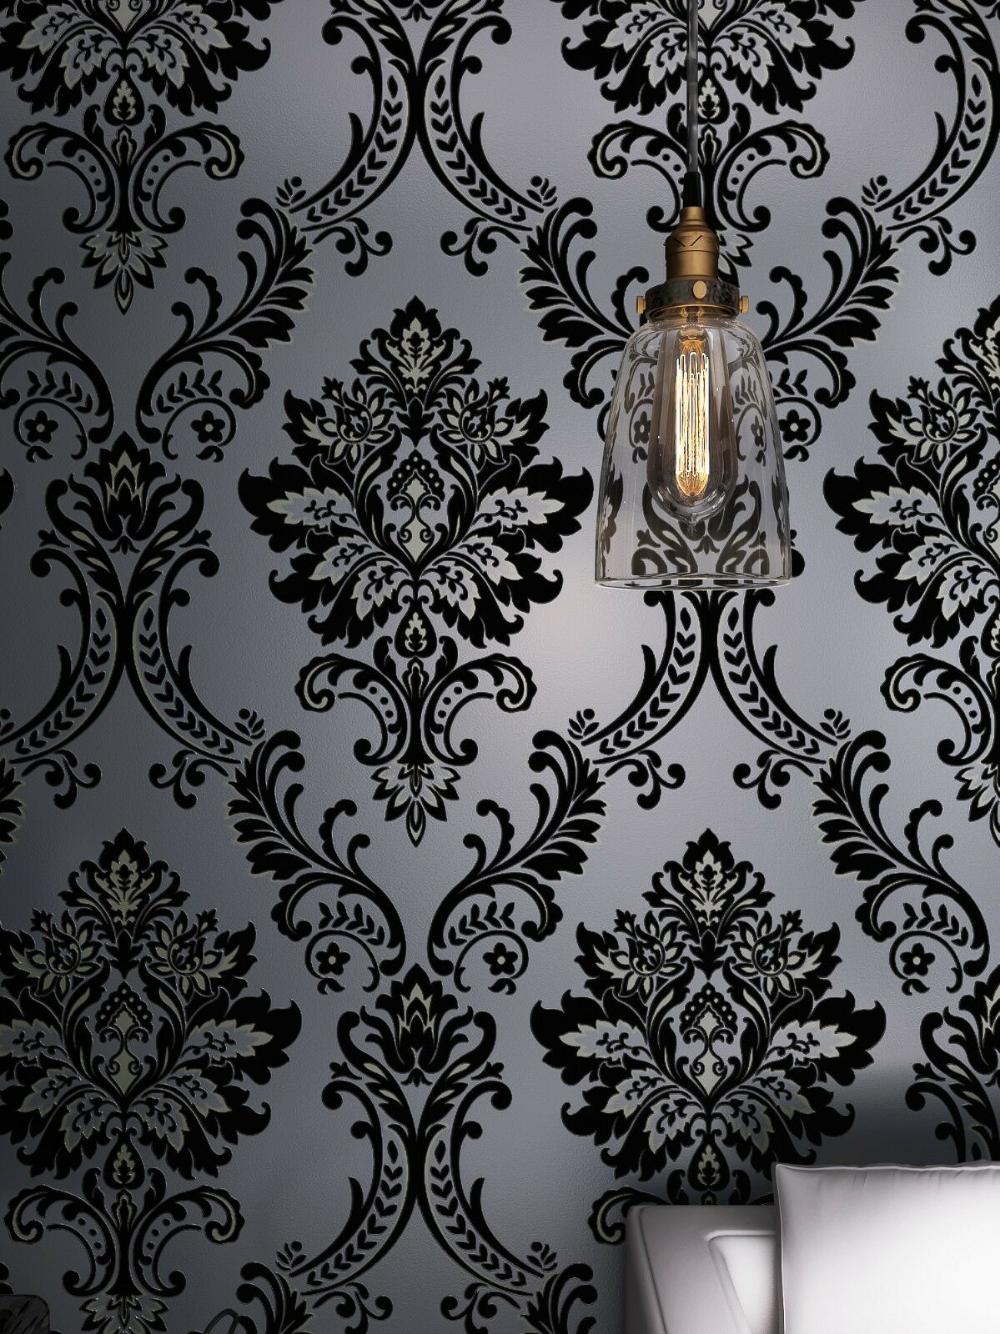 Classic Black Velvet Flocking Damask Wallpaper Textile